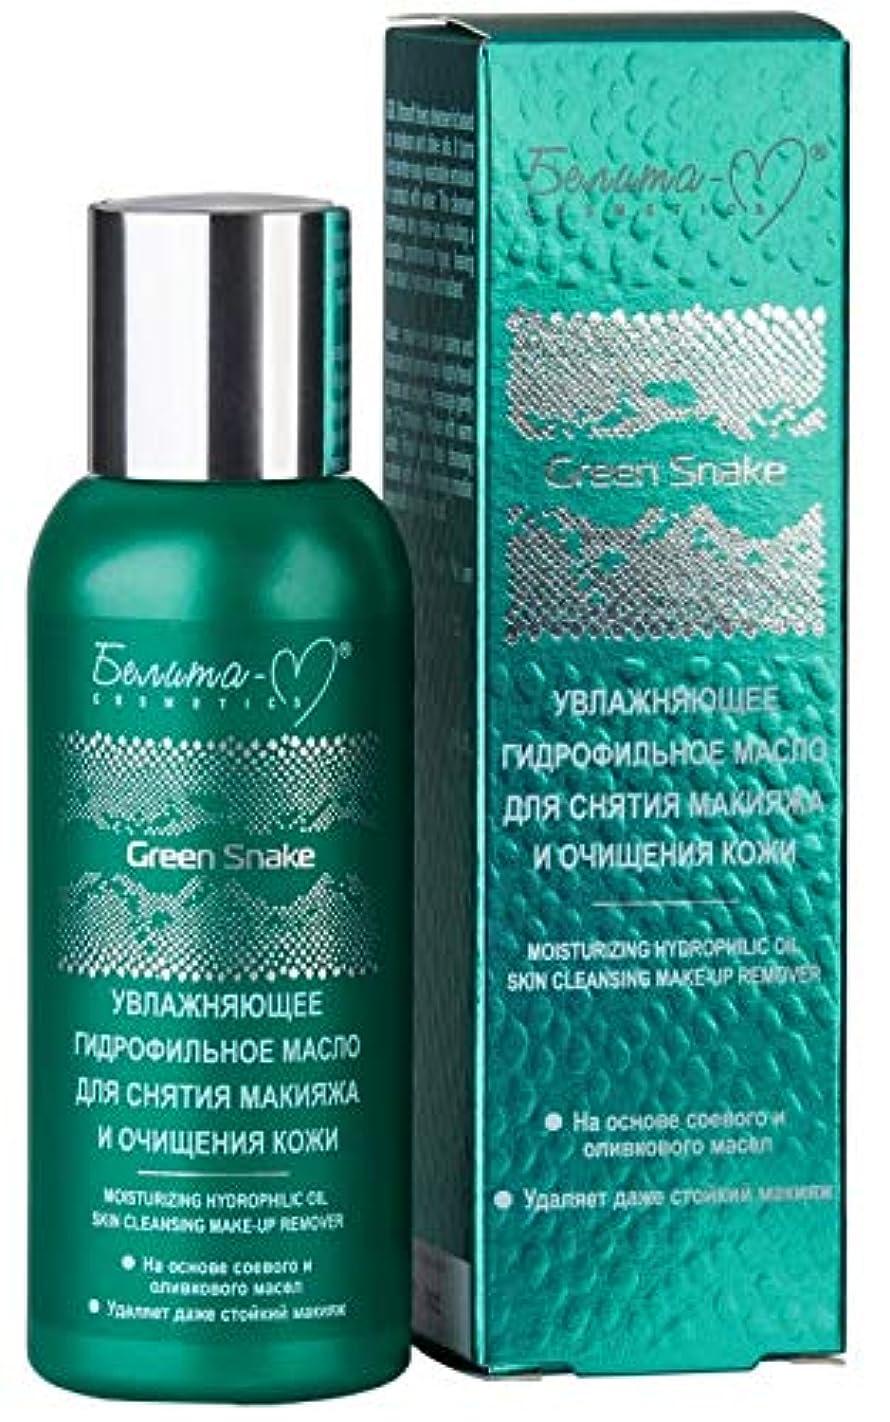 チーフ最初に怠惰Bielita & Vitex | MOISTURIZING HYDROPHILIC OIL TO REMOVE MAKEUP AND SKIN CLEANSING | Green Snake | Soybean oil...